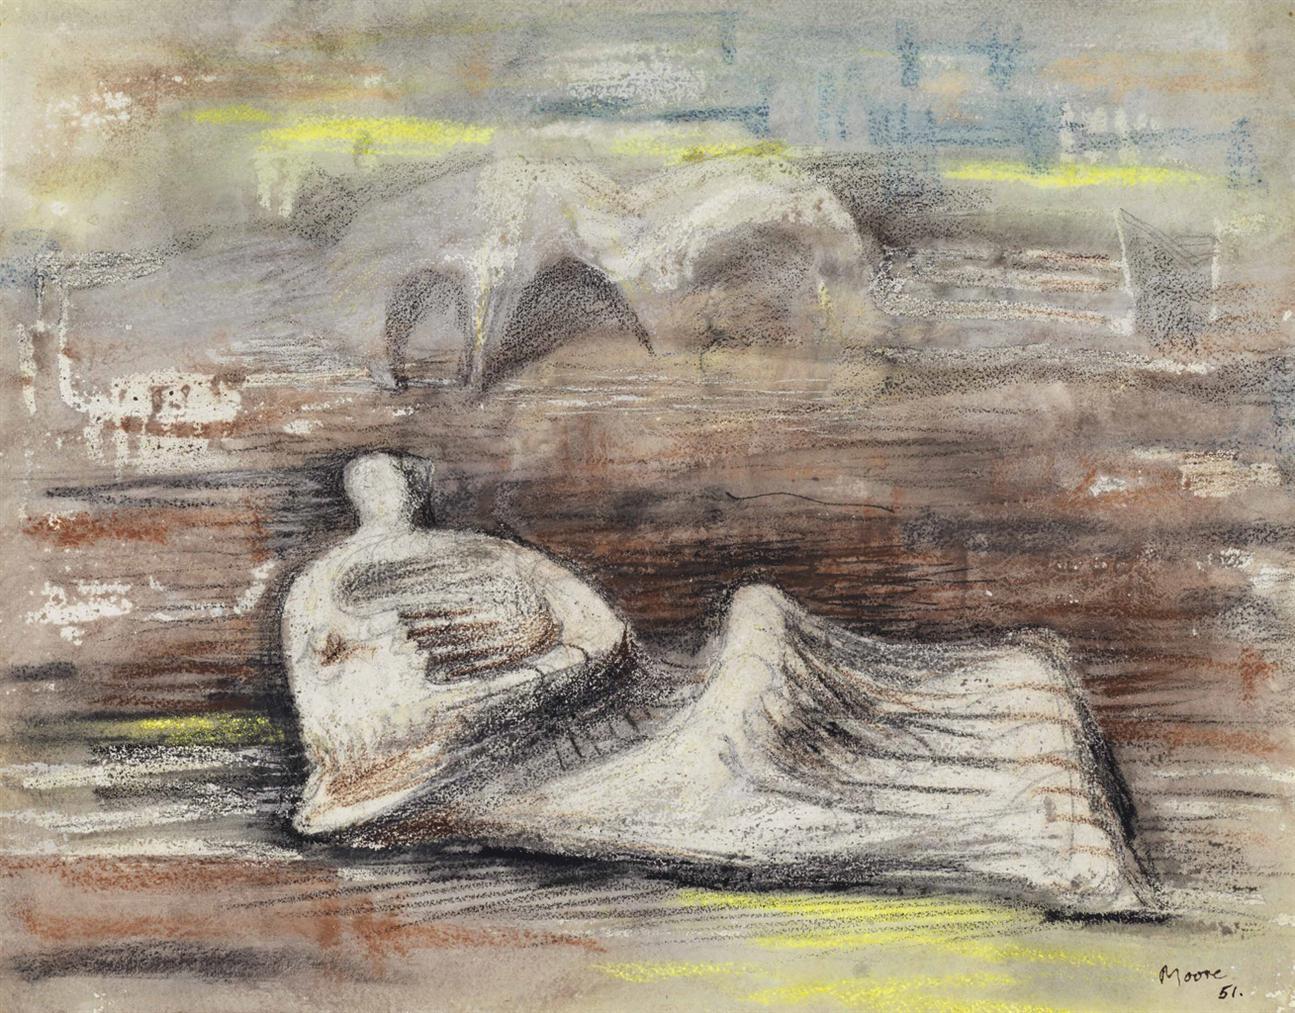 Henry Moore-Reclining Figure In Landscape-1951